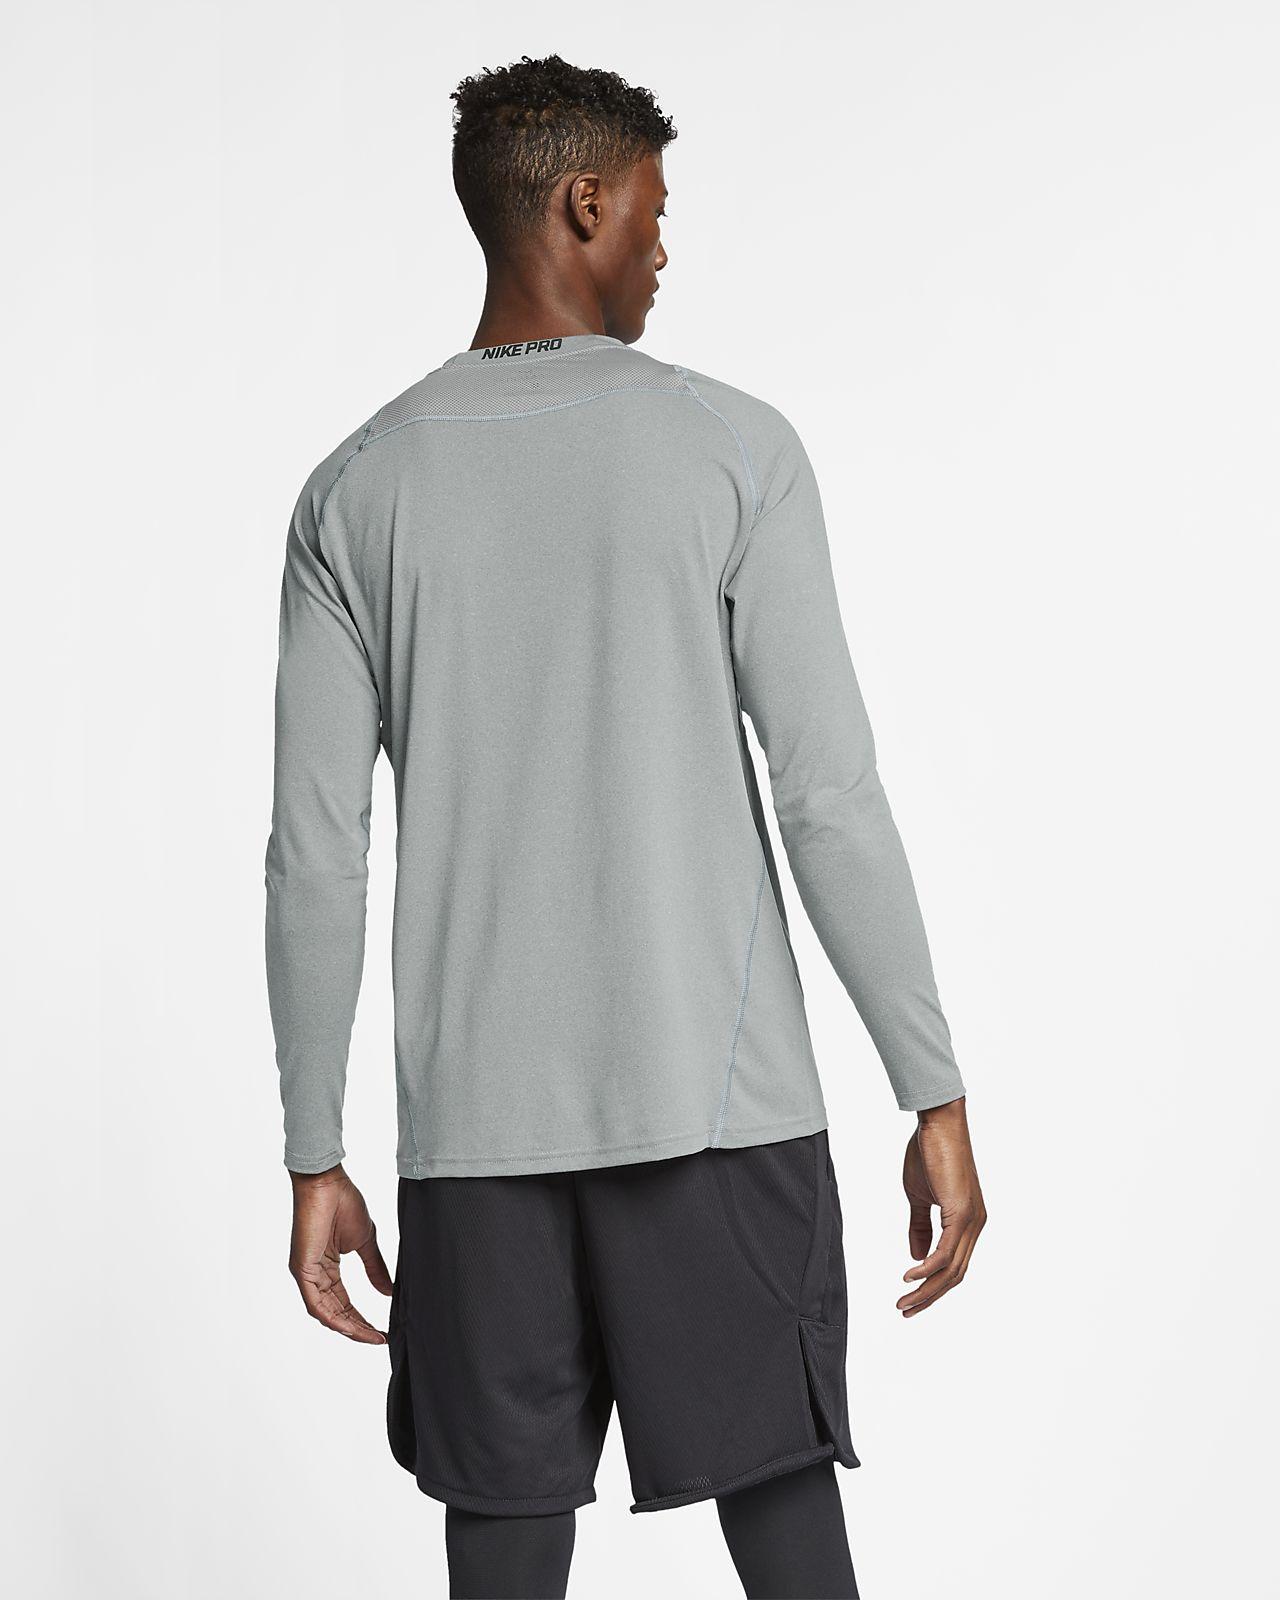 09c4070a9d2 Low Resolution Nike Pro Men s Long-Sleeve Fitted Top Nike Pro Men s Long- Sleeve Fitted Top